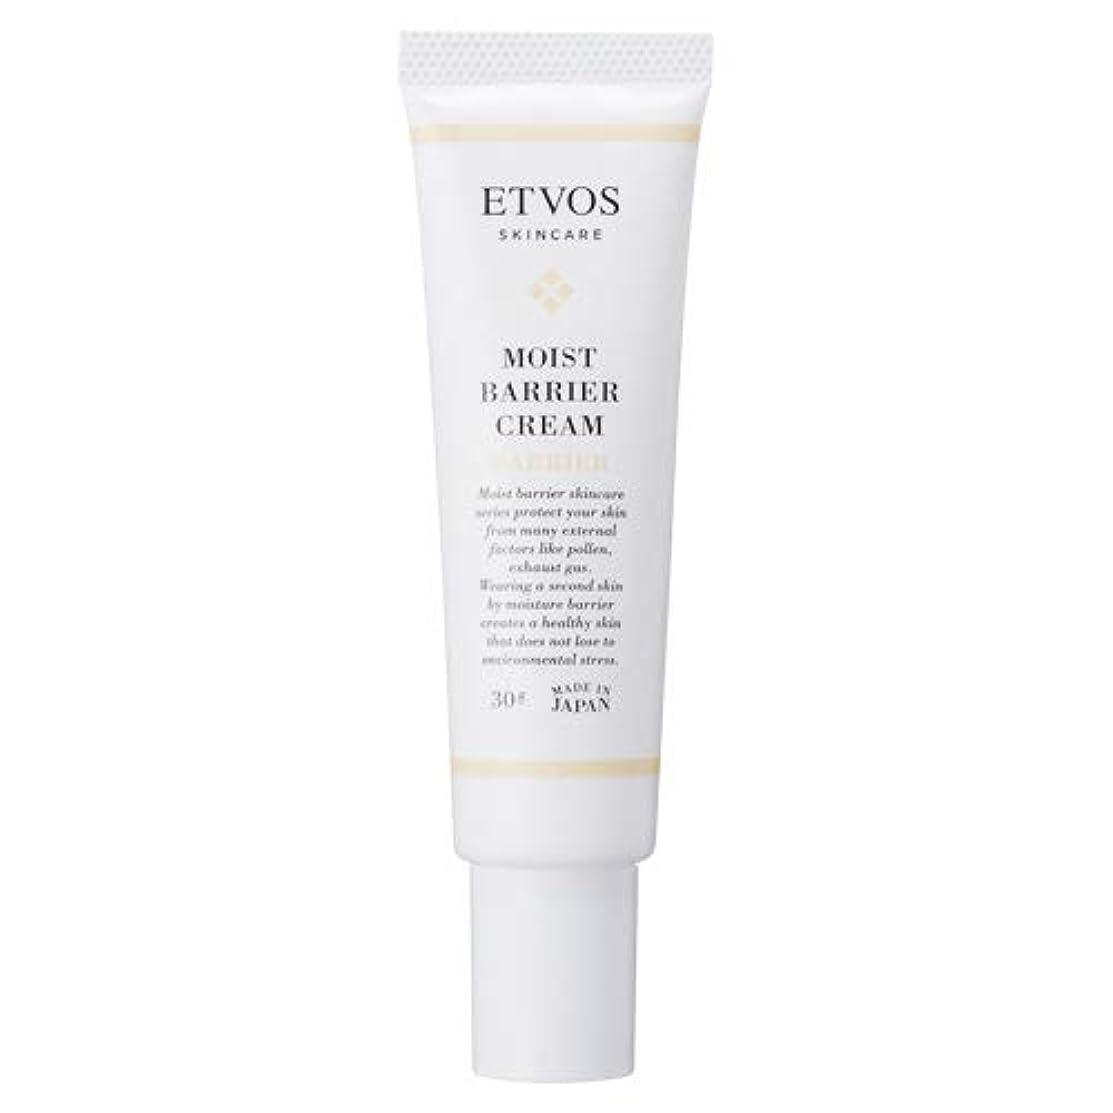 内陸ハプニング殺人者ETVOS(エトヴォス) 皮膚保護クリーム モイストバリアクリーム 30g 肌荒れ/敏感肌 花粉/PM2.5/ハウスダスト